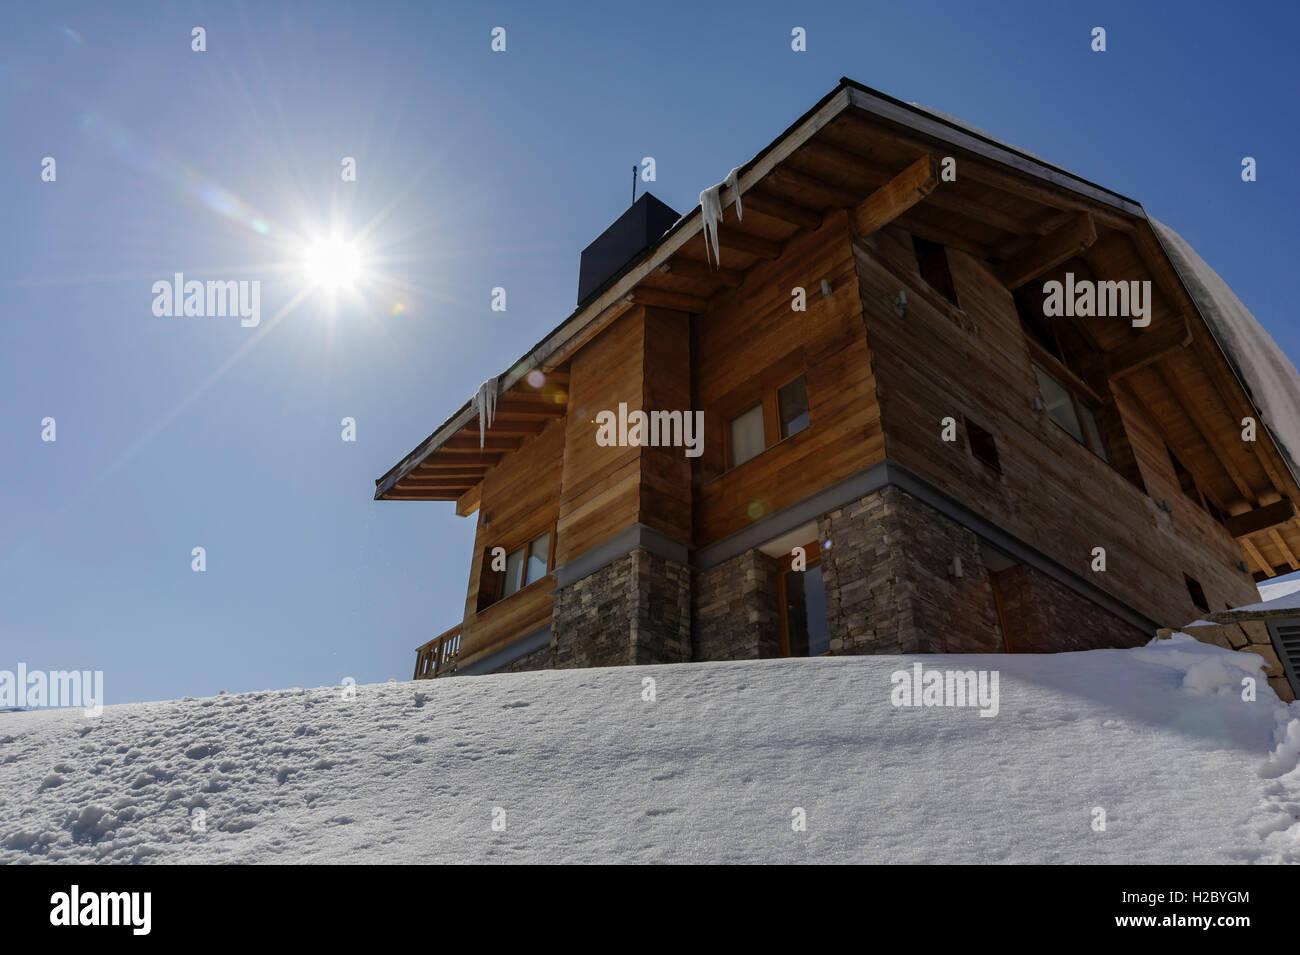 Un chalet en bois et pierre au cours de l'hiver à Mzaar Kfardebian ski au Liban (contre-jour) Photo Stock